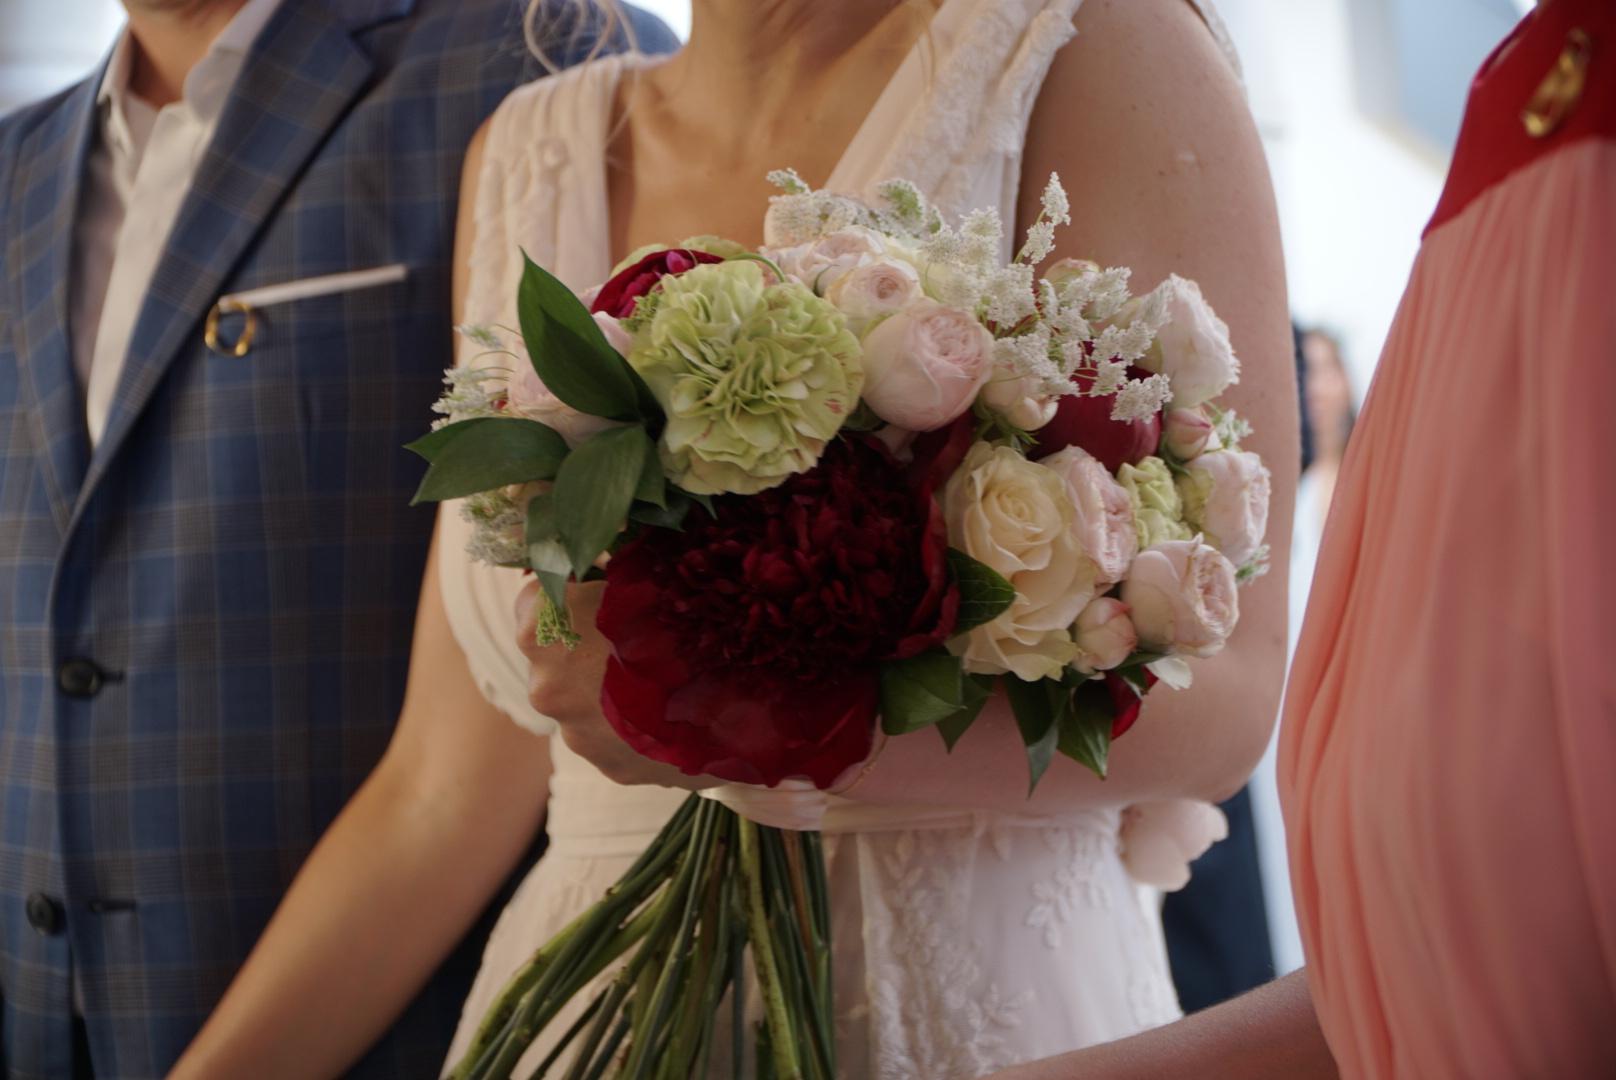 Η όμορφη ανθοδέσμη από το Γιώργο Μοναχό του Chlorofilli Flowers.